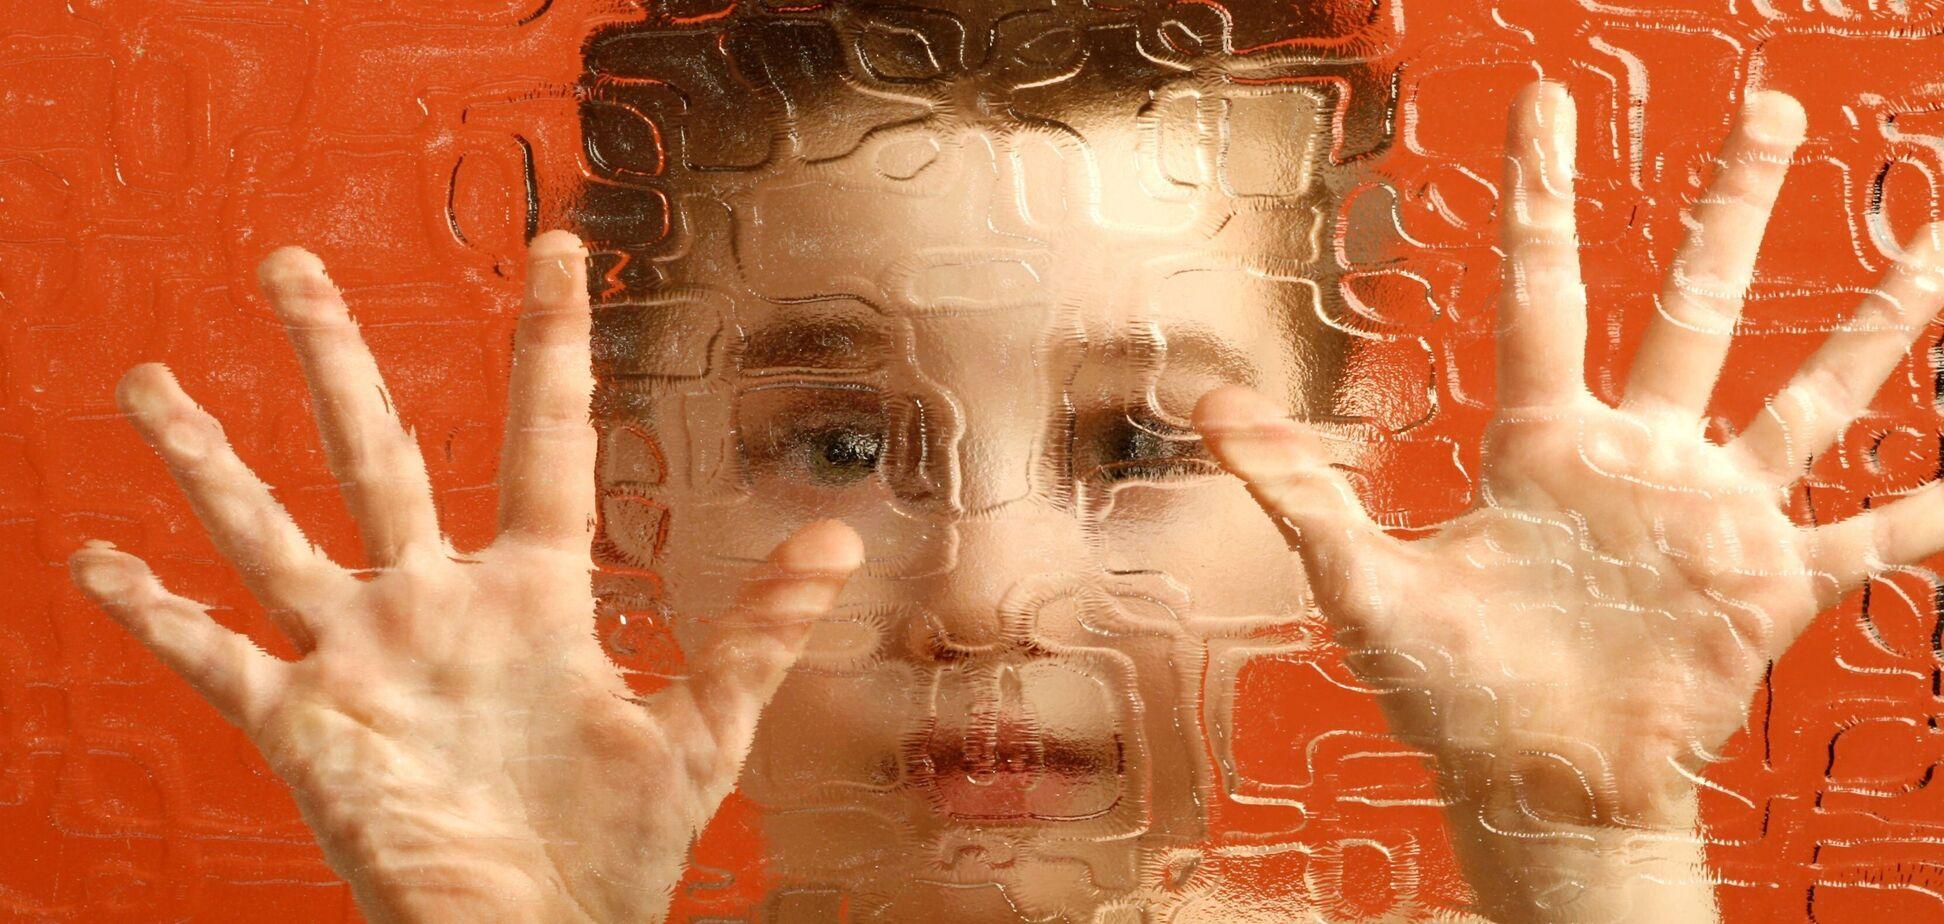 Комаровский рассказал о верных признаках аутизма